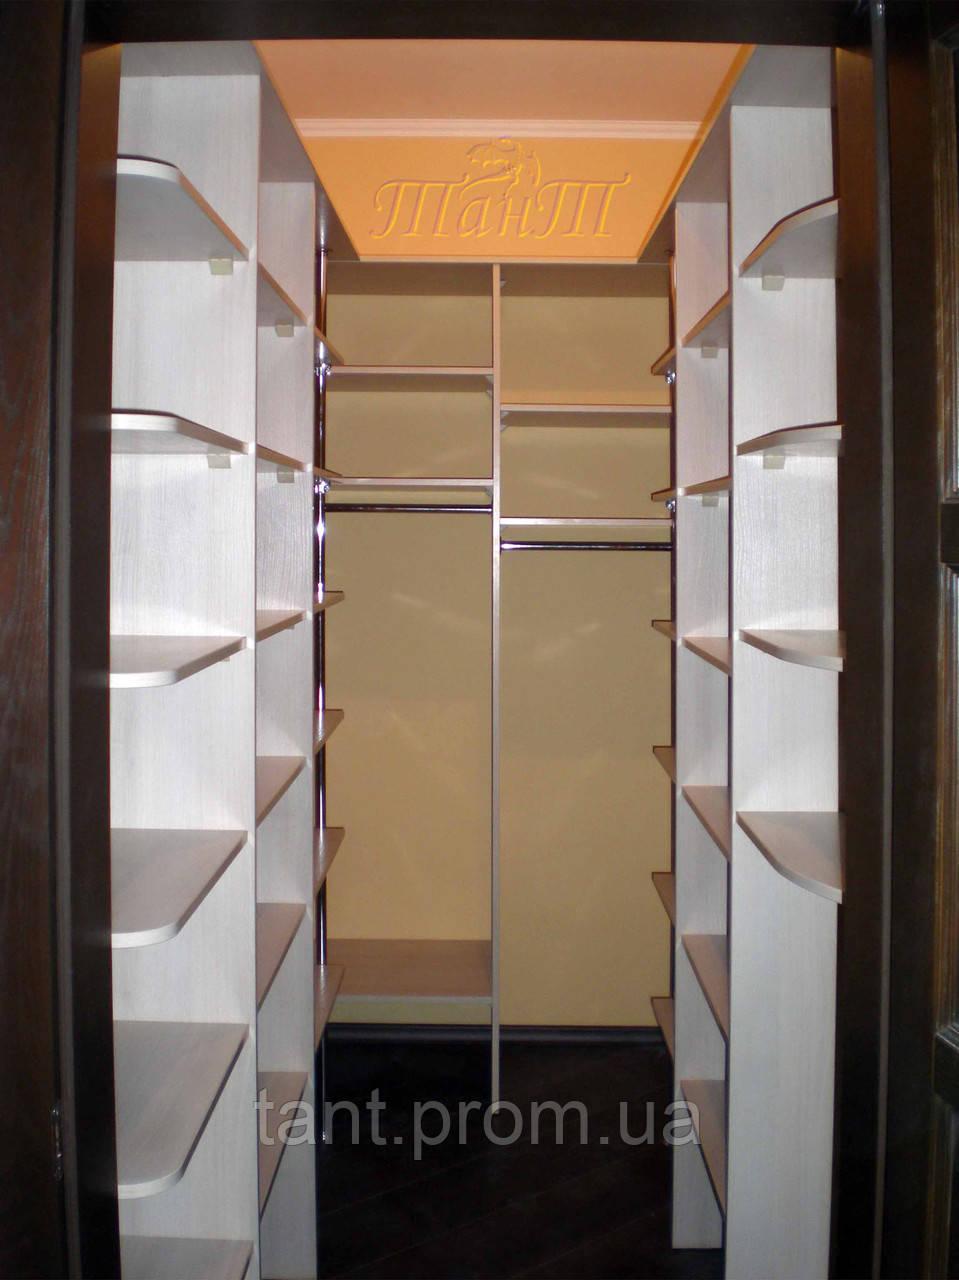 Фото Маленькая Гардеробная  Дизайн Спальни С Угловой Гардеробной